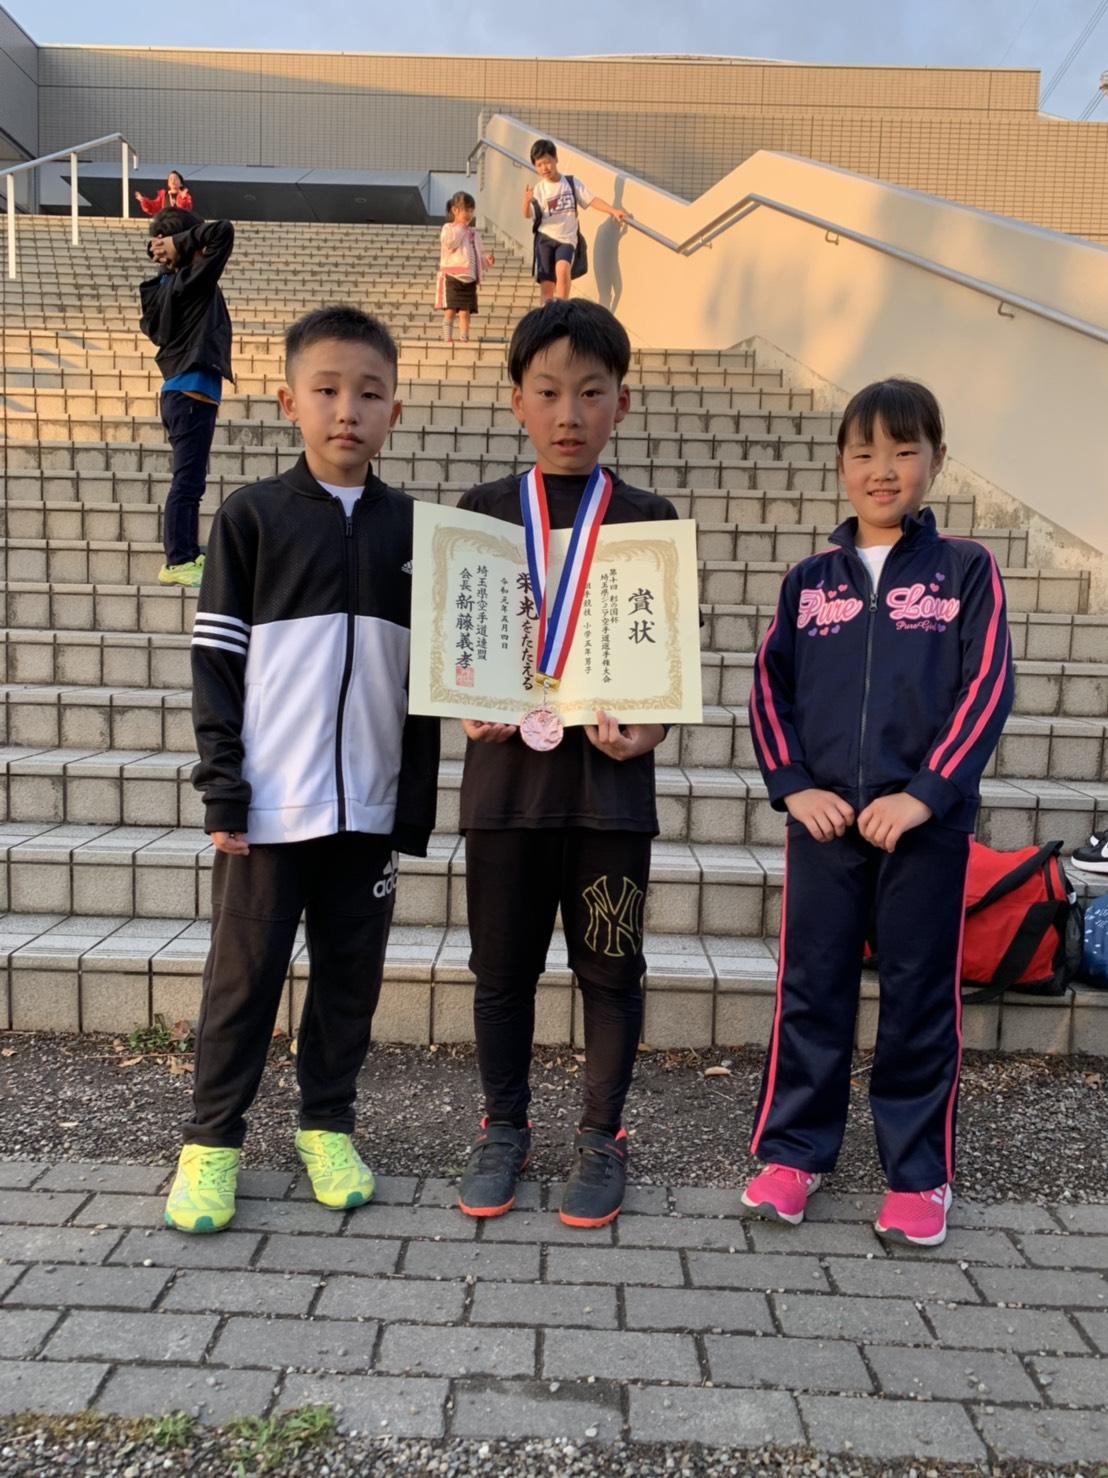 第10回 彩の国杯 埼玉県ジュニア空手道選手権大会